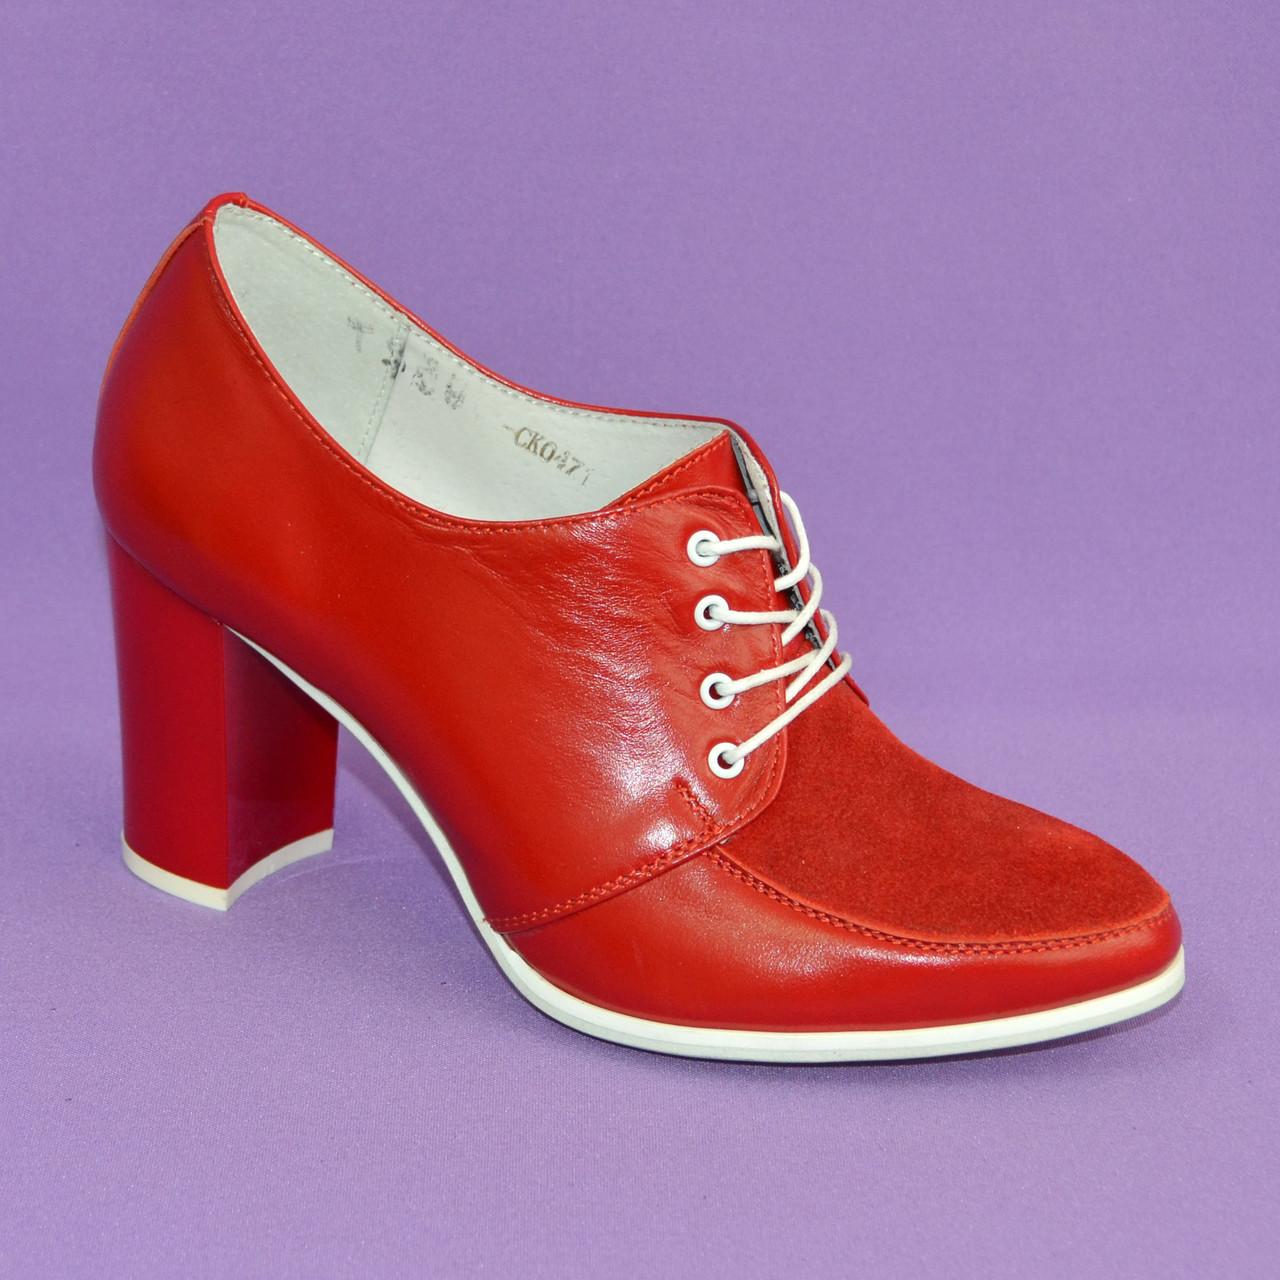 Женские классические красные туфли на высоком каблуке, натуральная кожа и замша